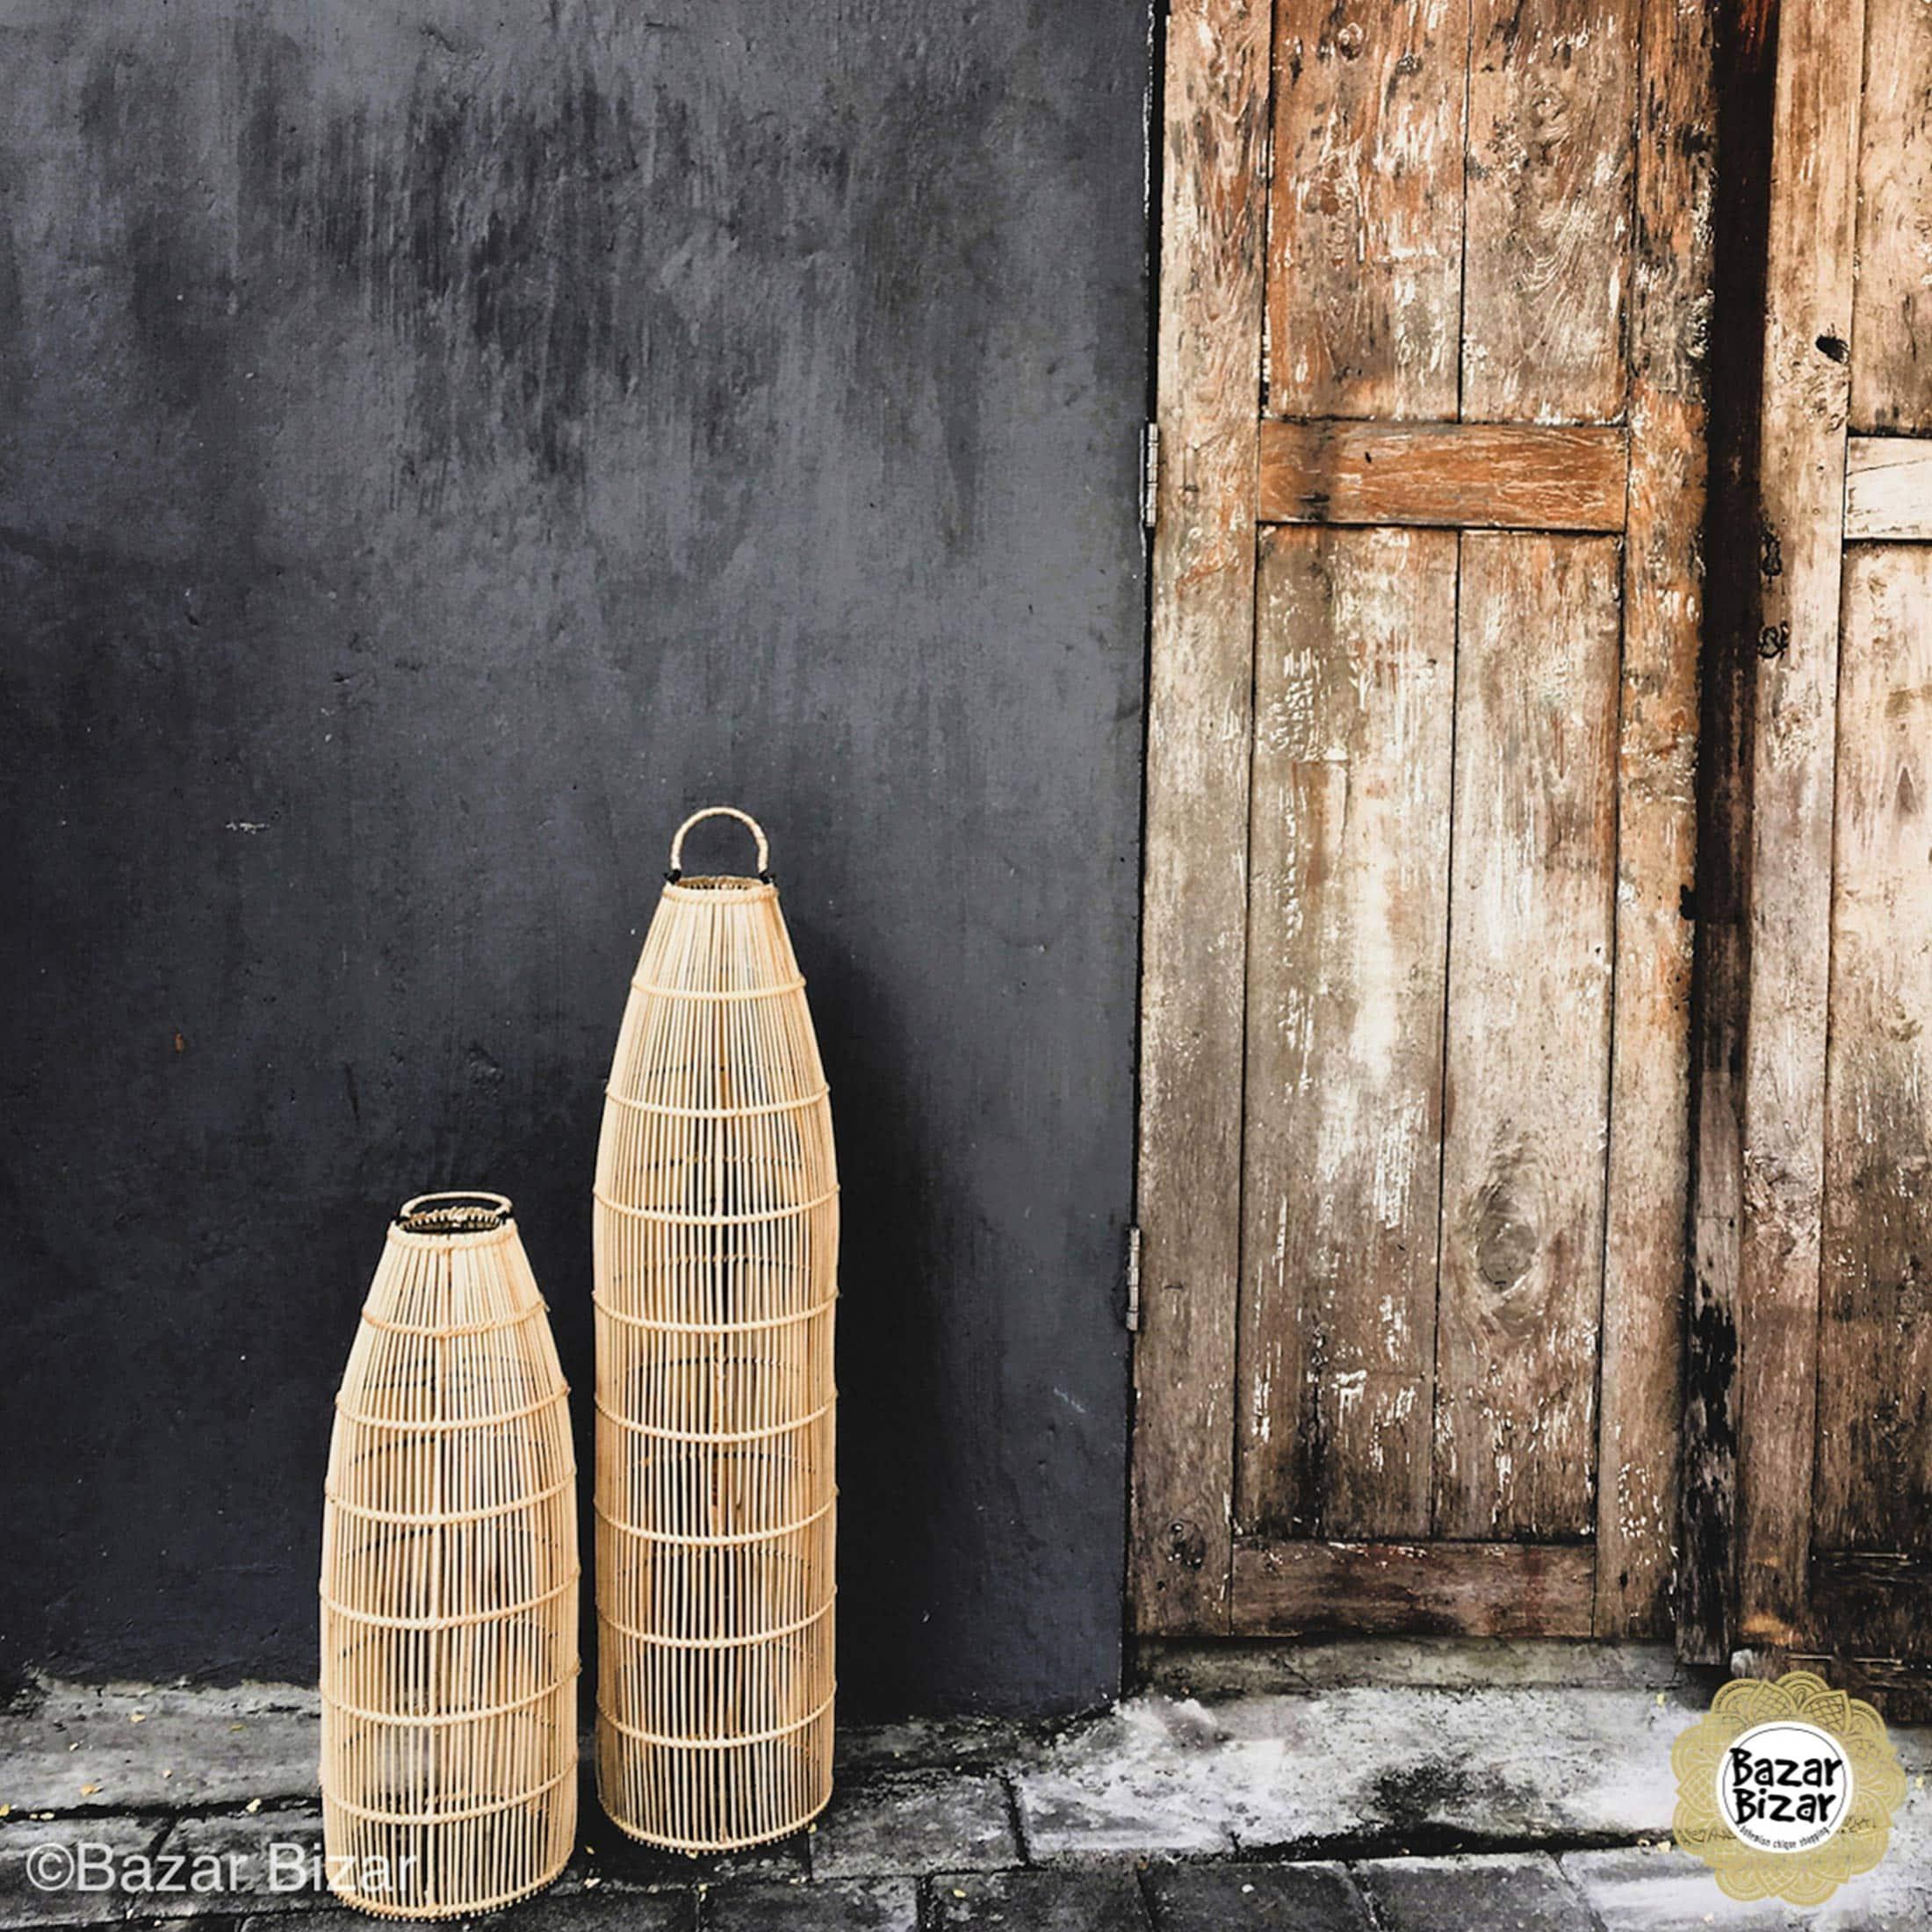 Rattan Deckenlampe in Braun mit 23 cm Durchmesser von der Marke Bazar Bizar. Die Hängelampen passen ins Wohnzimmer und das Treppenhaus